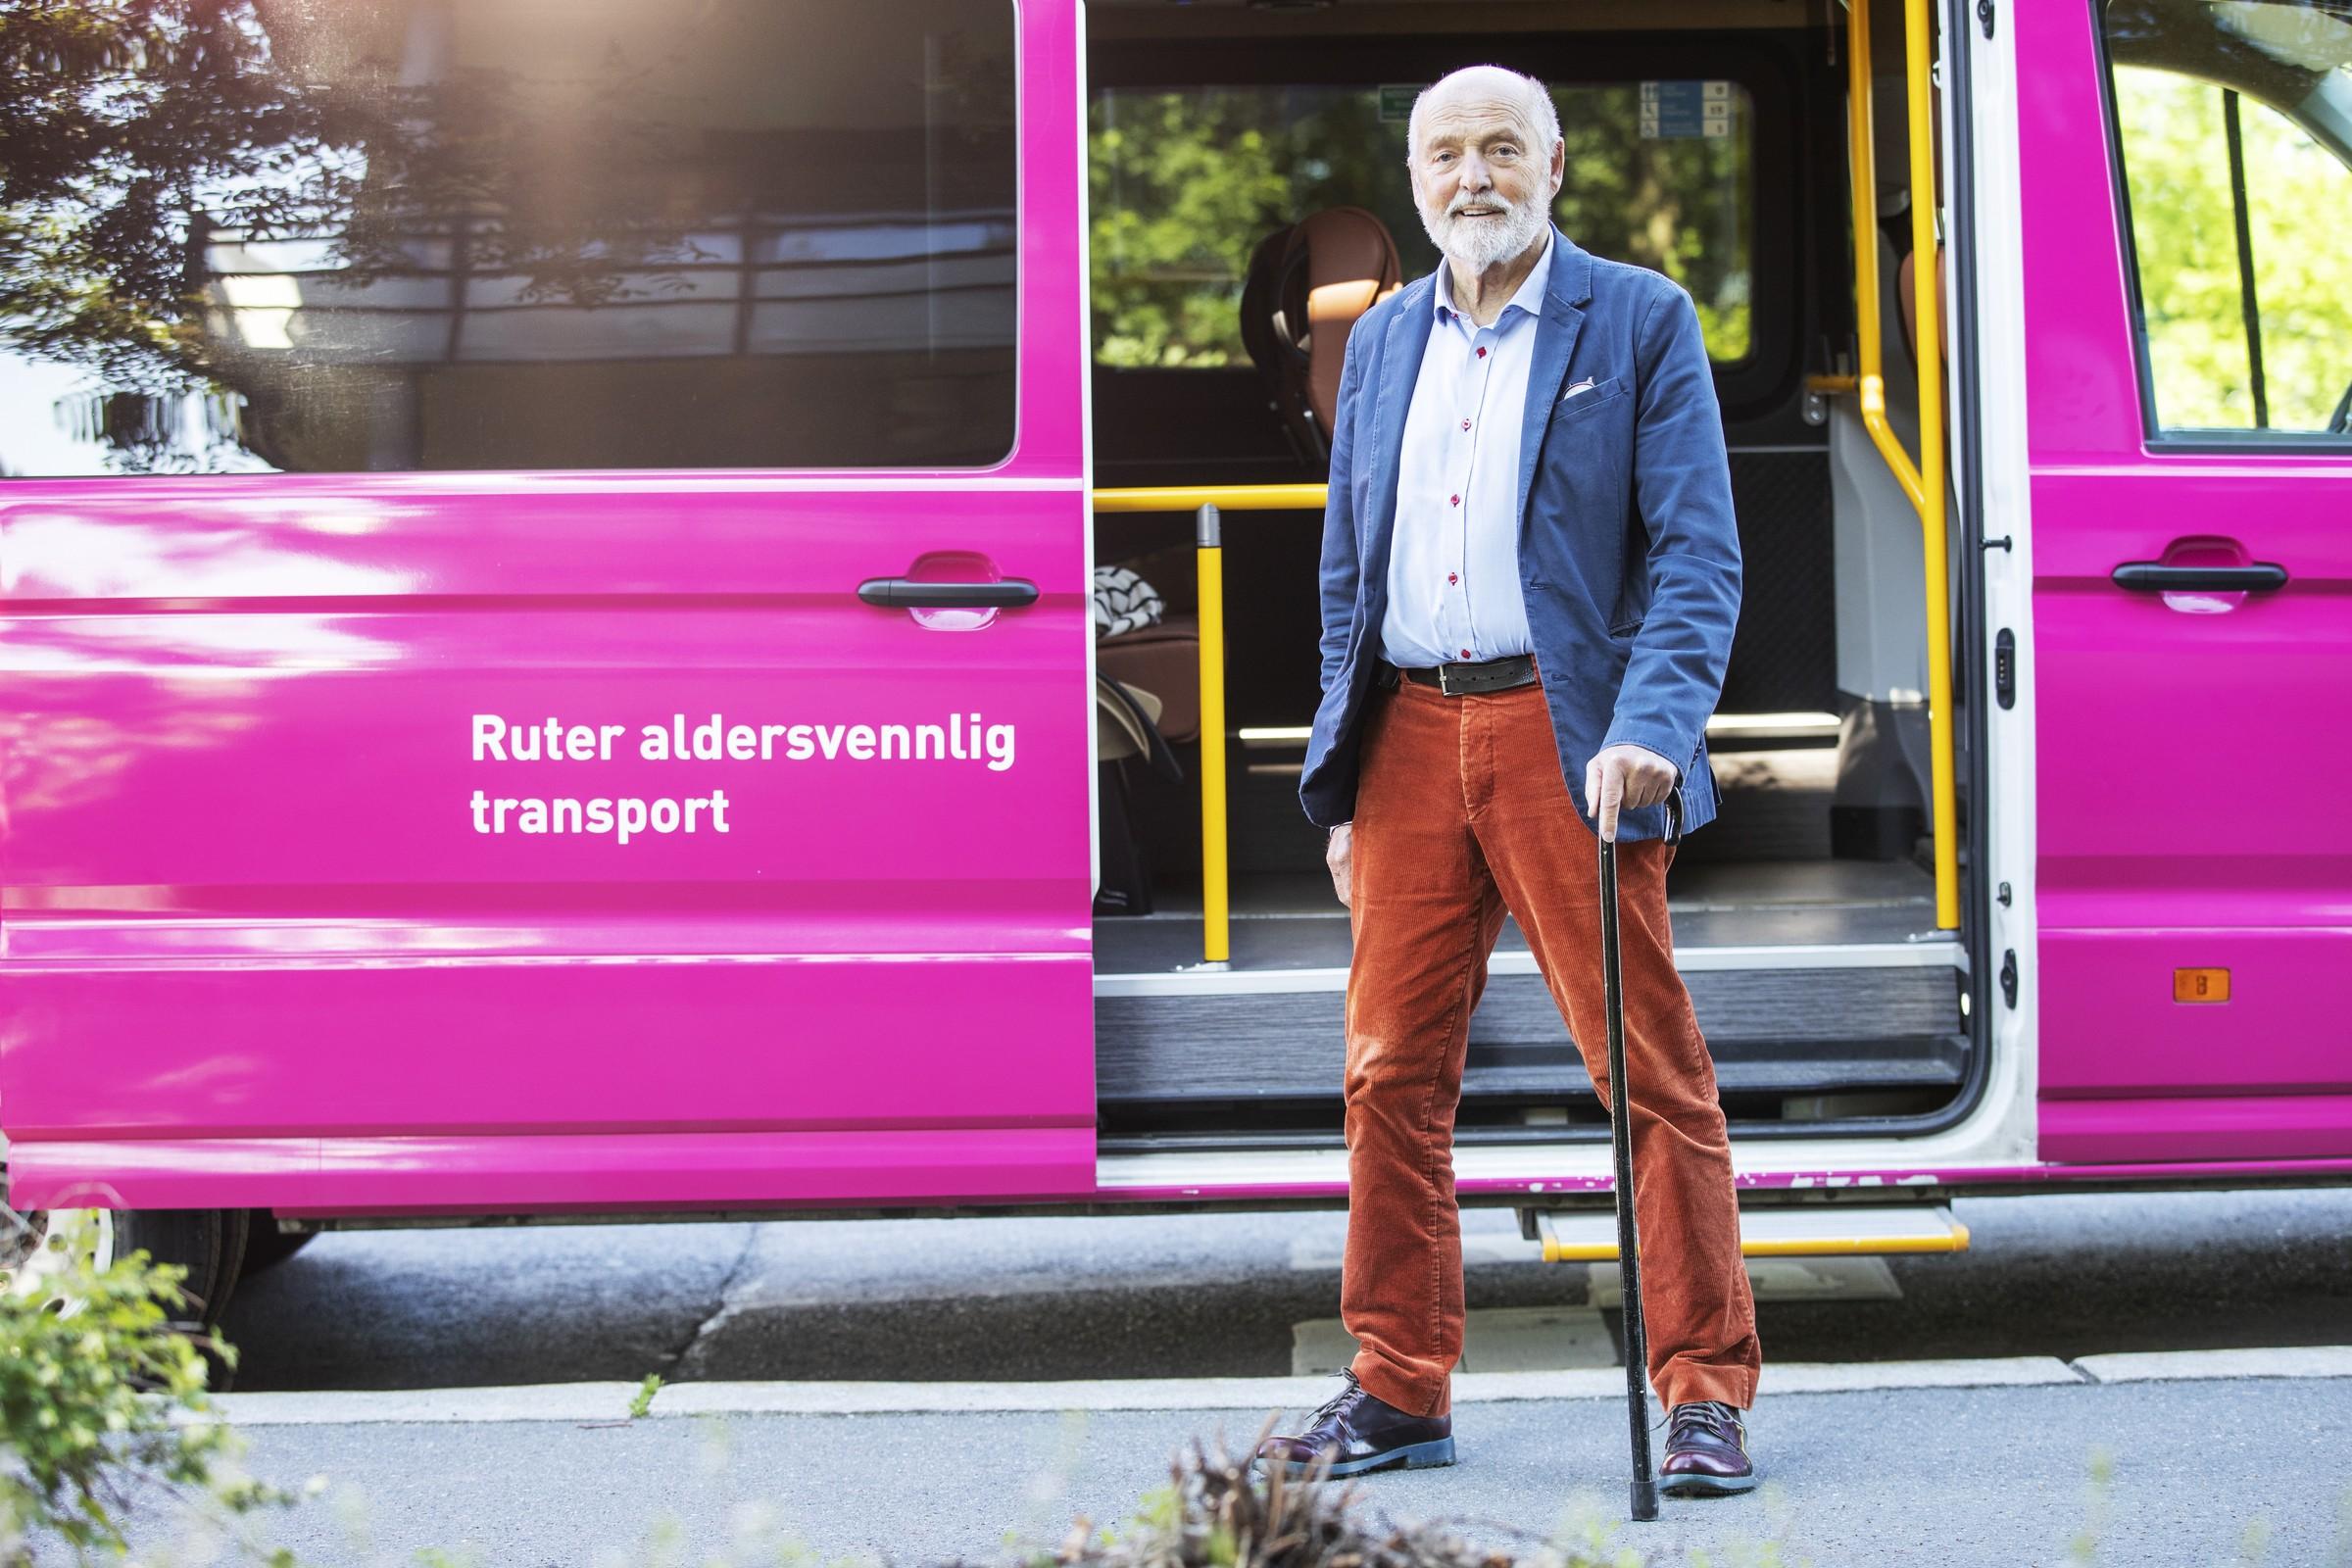 Foto av mann med stokk utenfor en rosa buss; Aldersvennelig transport